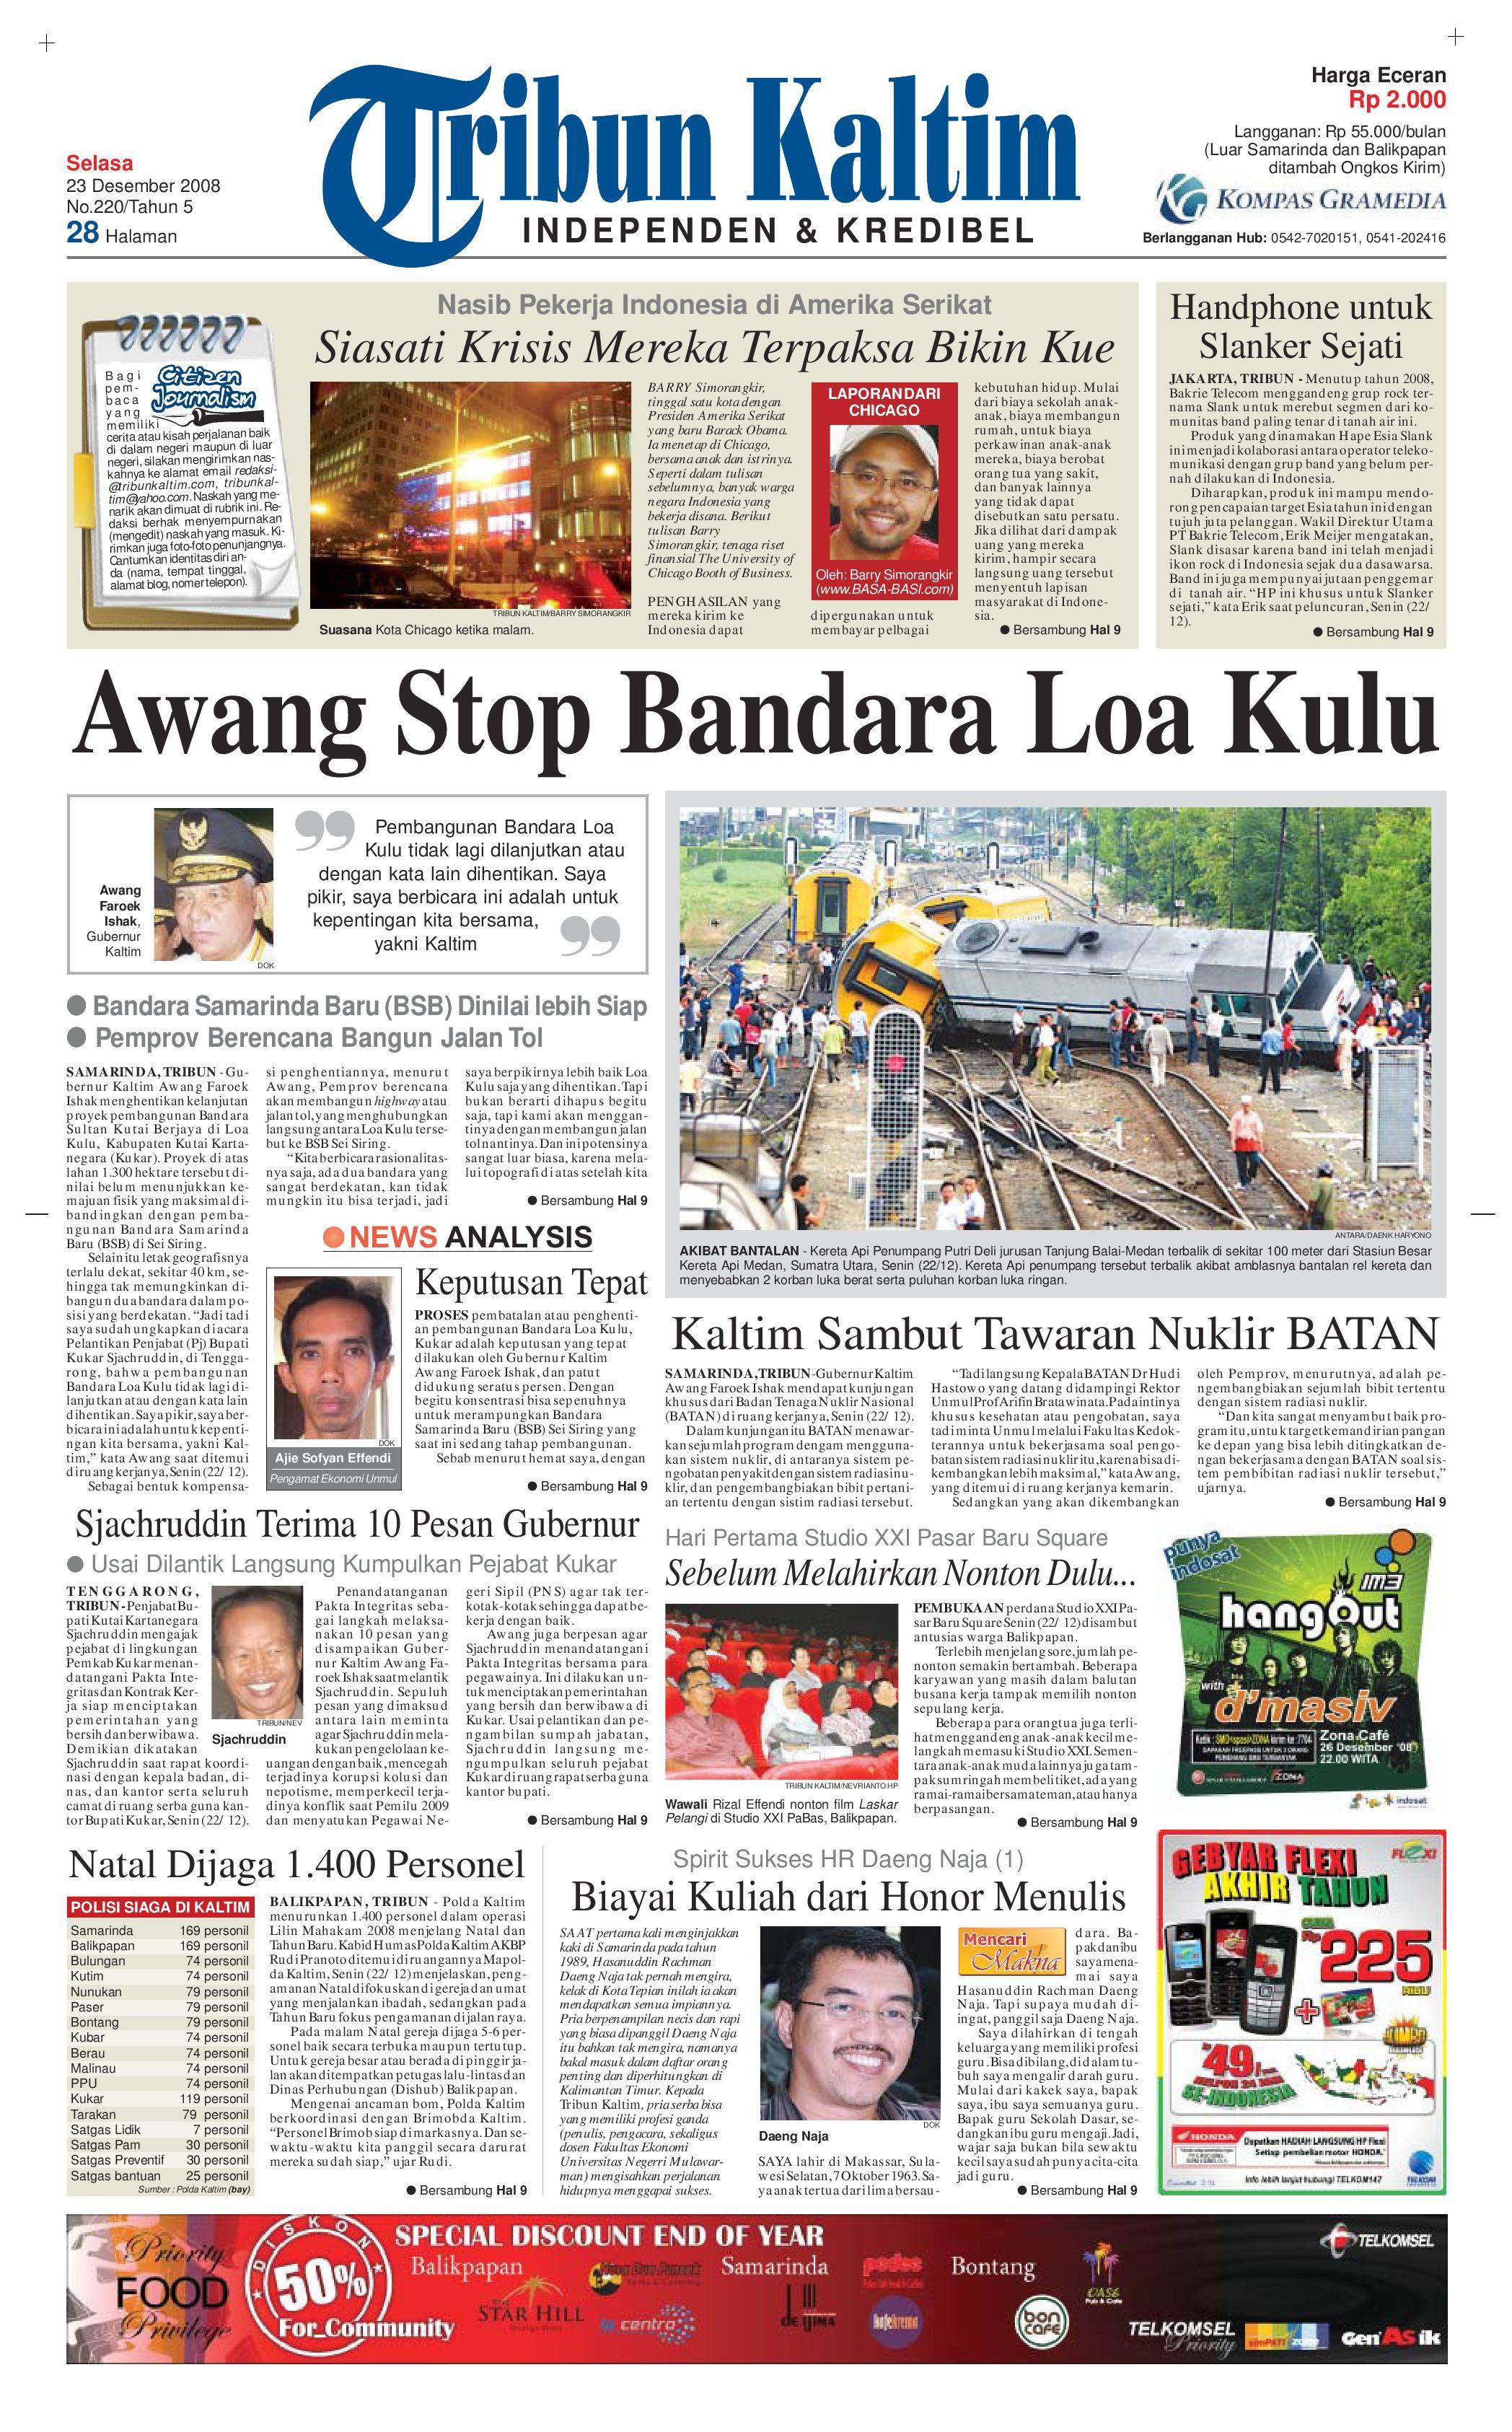 TRIBUNKALTIM 23-12-2008 by tohir tribun - issuu 5c8708b4ce